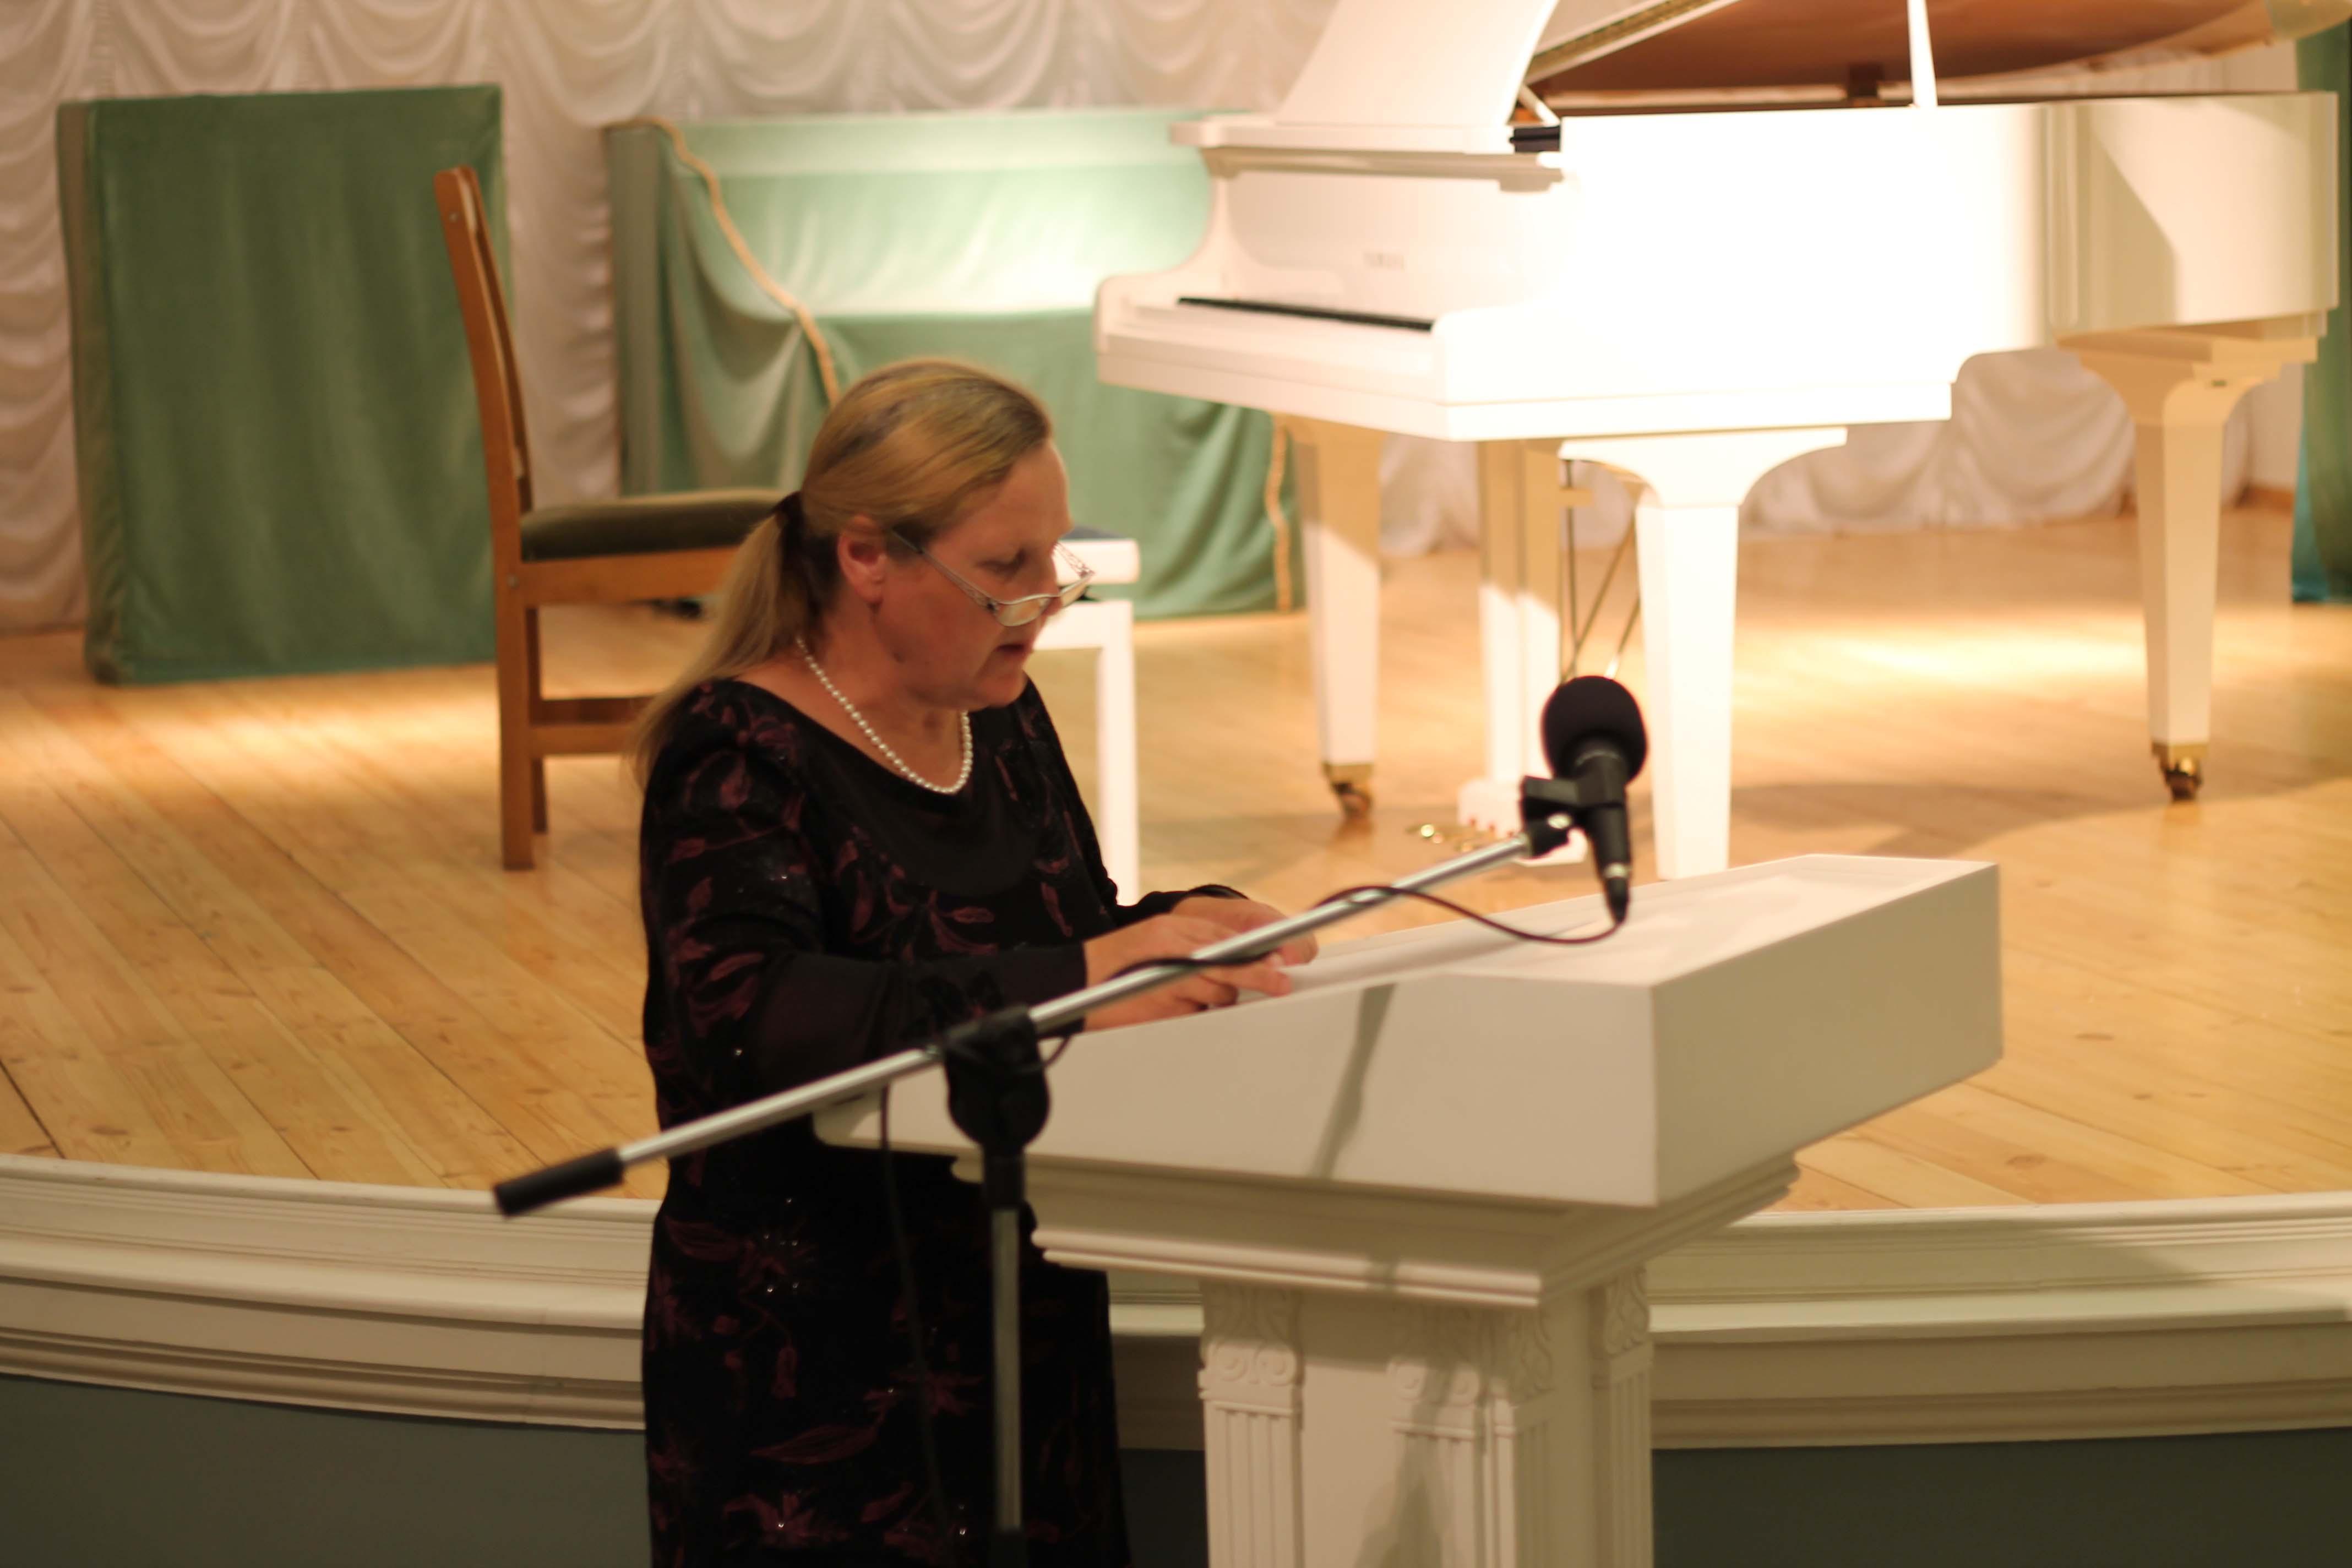 В литературной части Эмма Прибыльская представила произведение, написанное на музыку симфонической поэмы «Spes», созданной на белорусской земле нашим современником, молодым венесуэльским композитором Херардо Эстрадой.